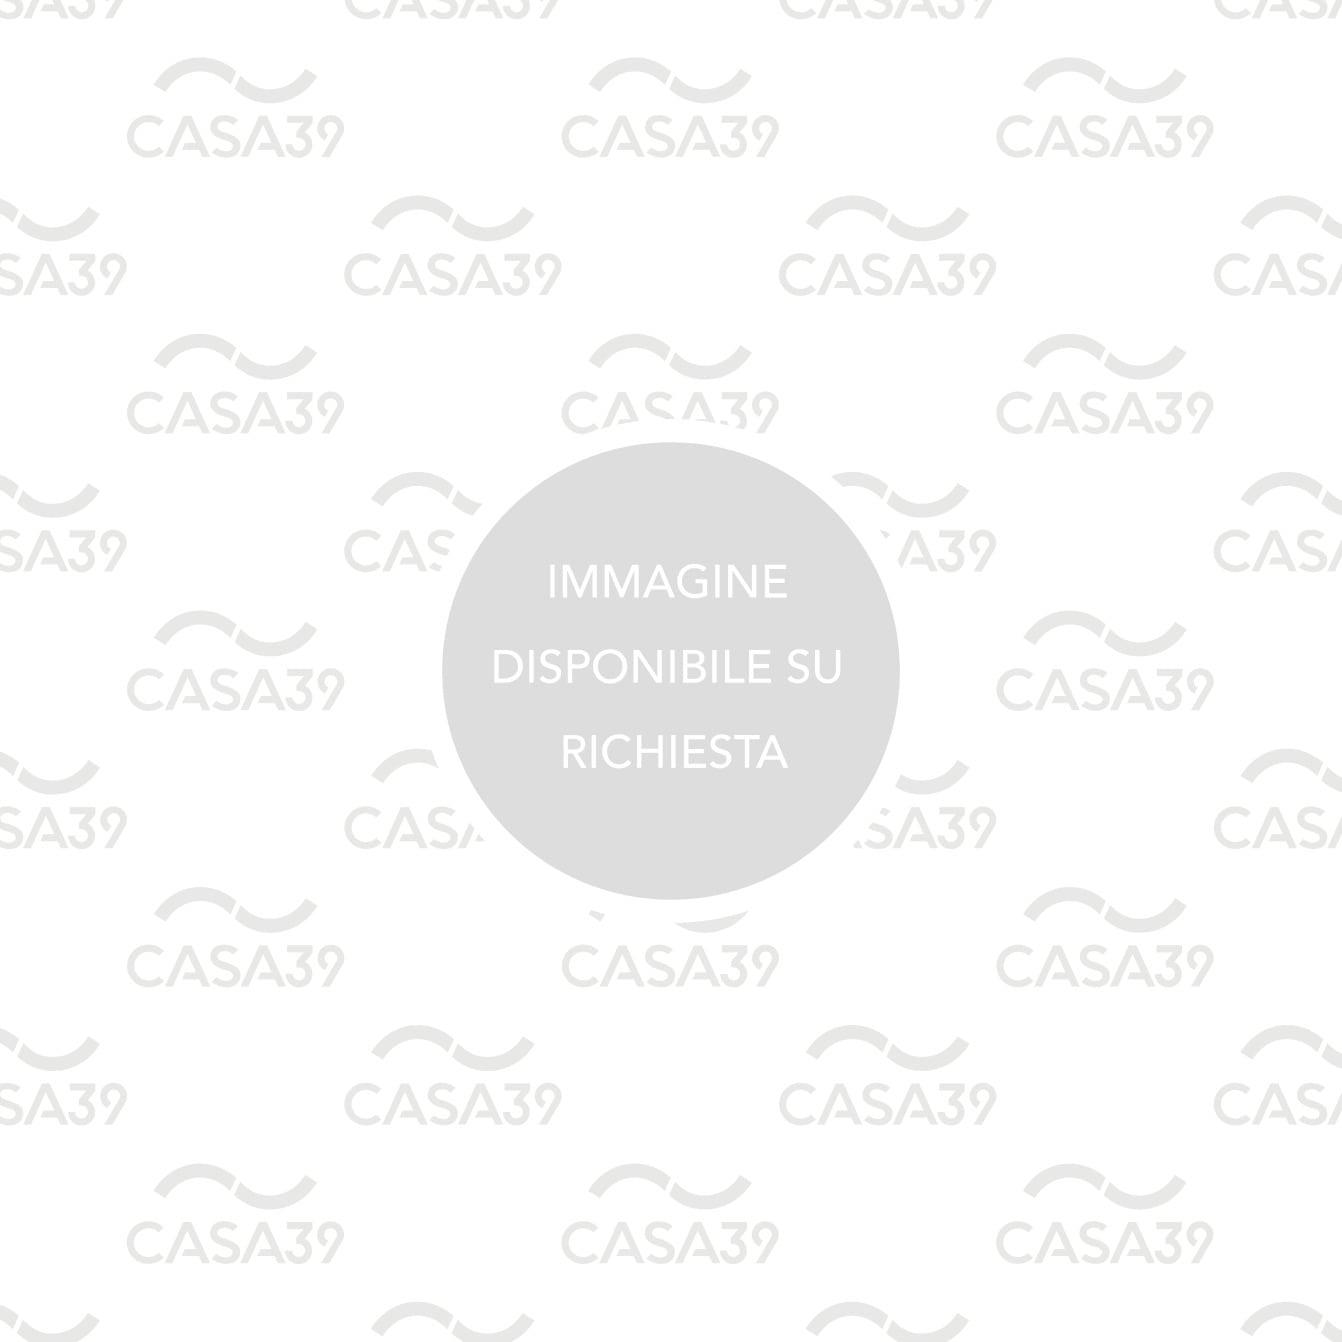 Rubinetto cucina muro - Rubinetti Cucina stile moderno ...